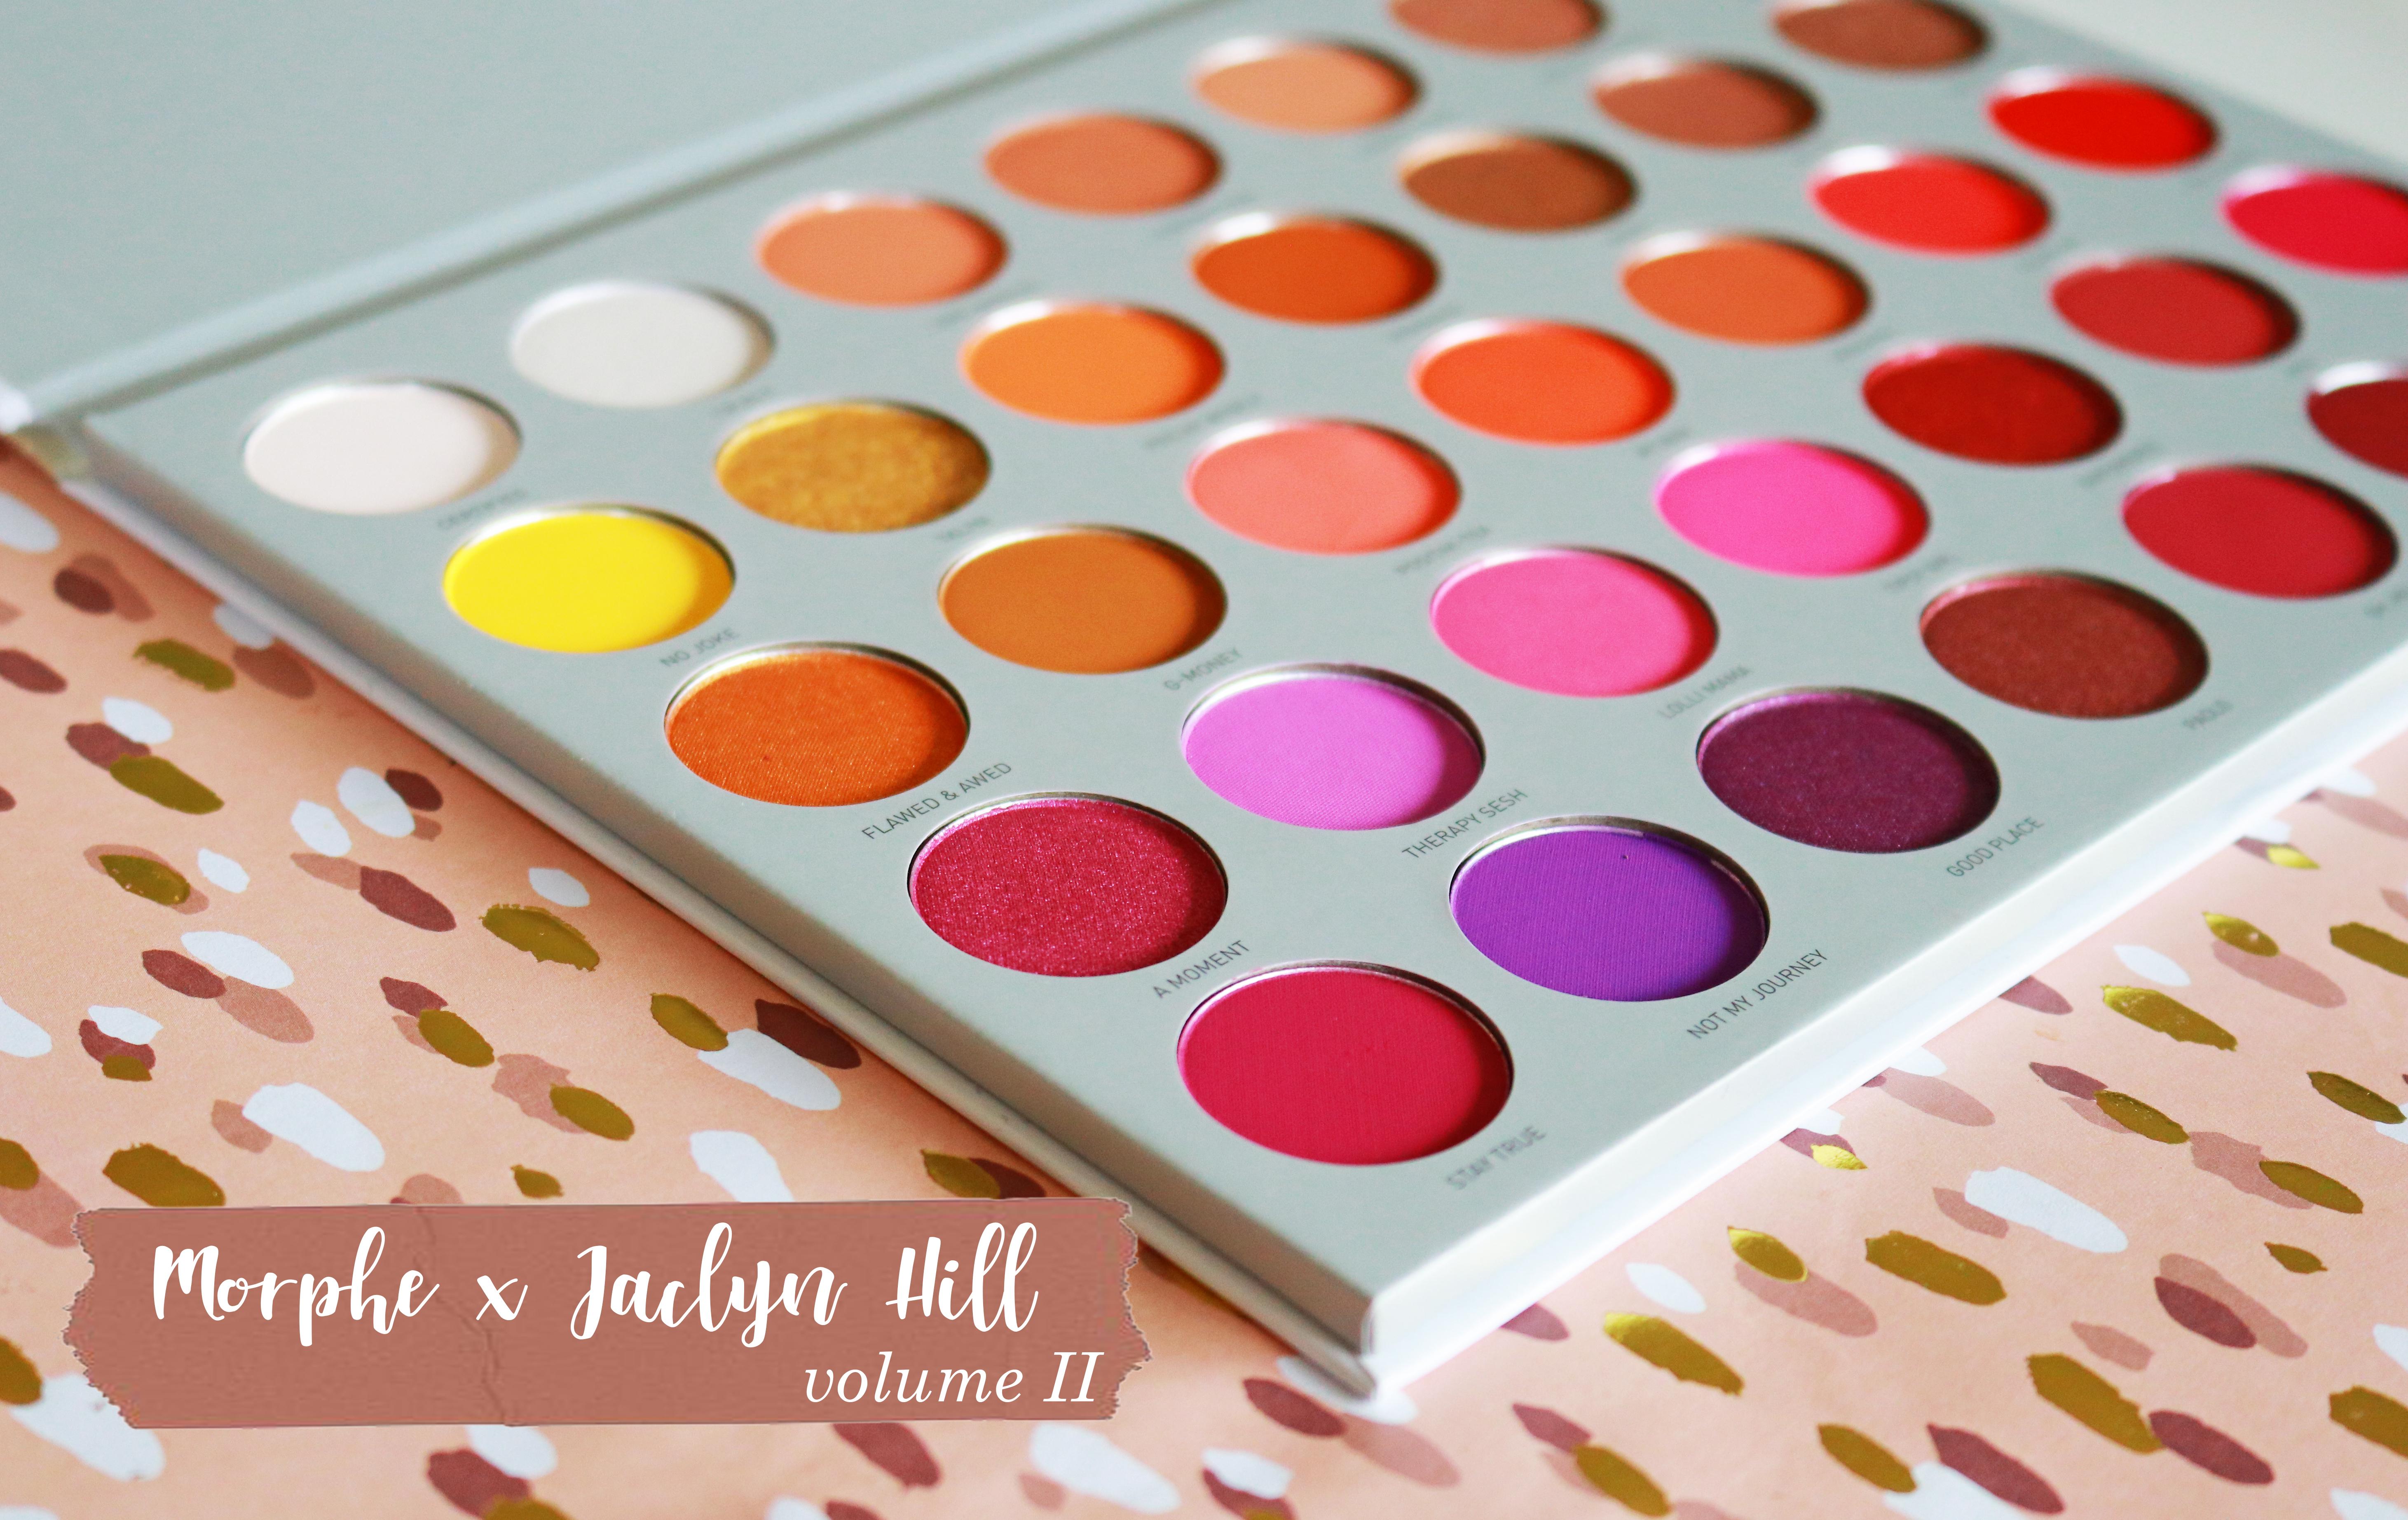 Morphe Jaclyn Hill Palette Volume II